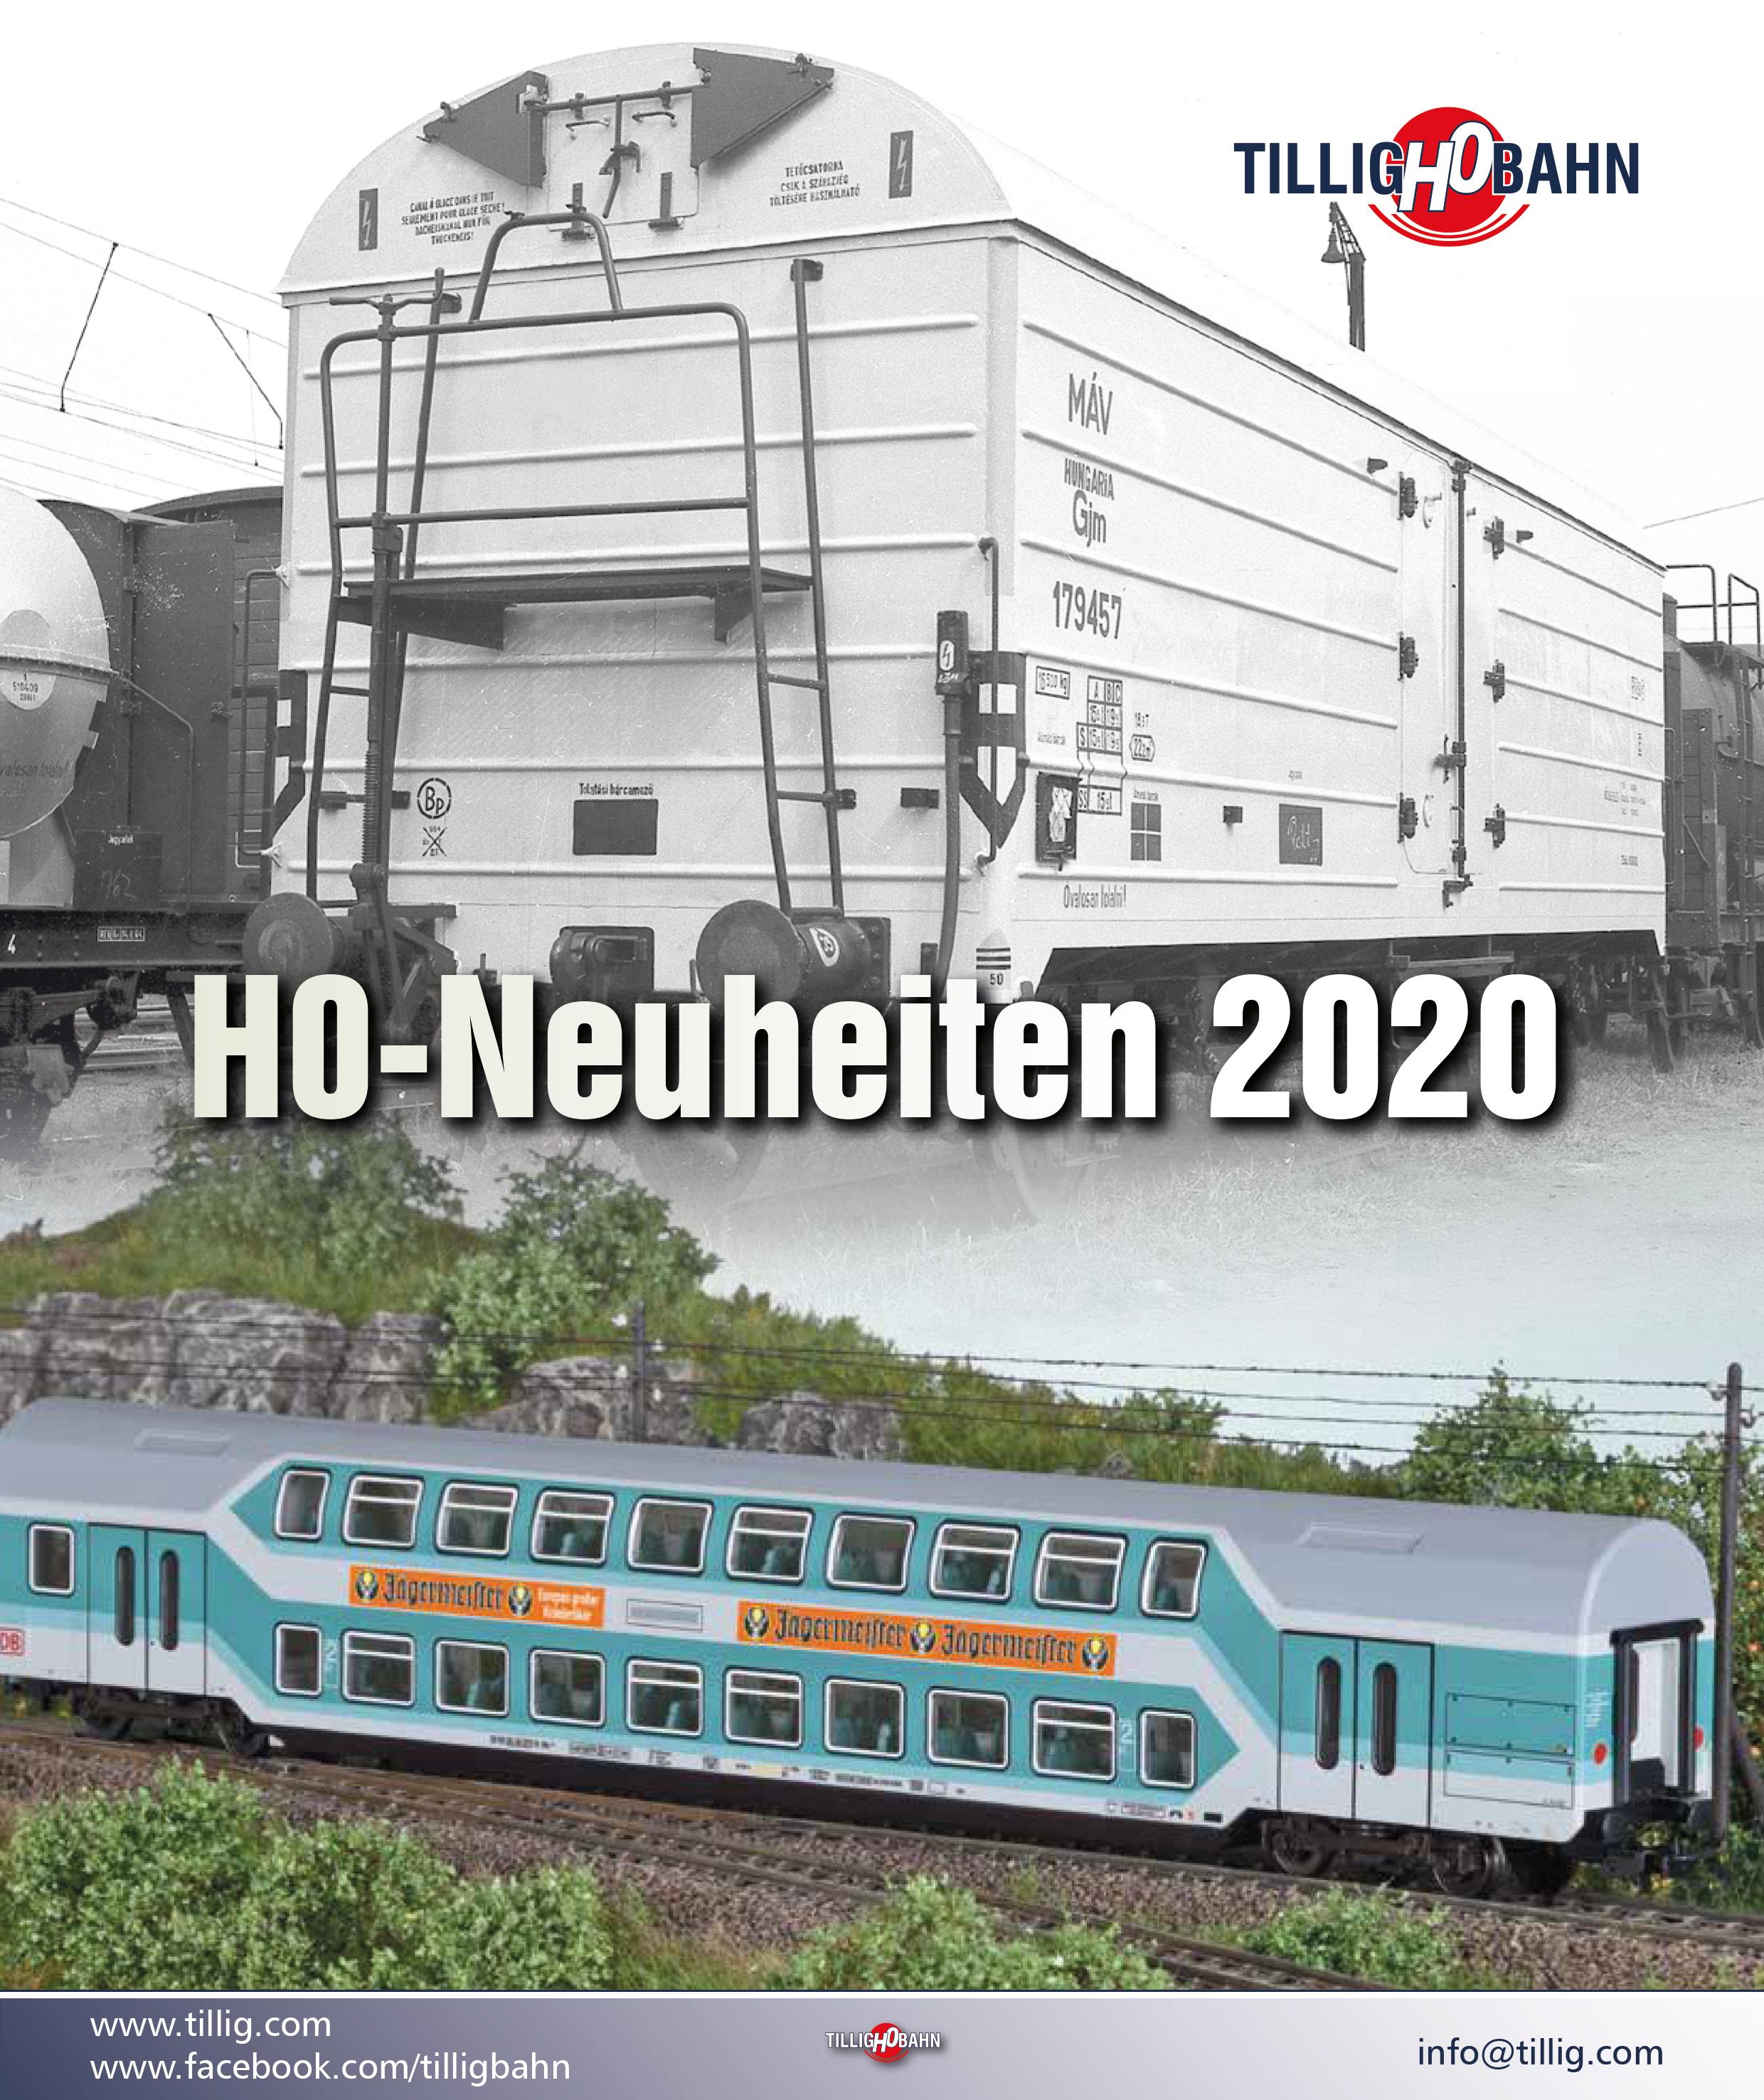 TILLIG-H0-Neuheiten-2020-1